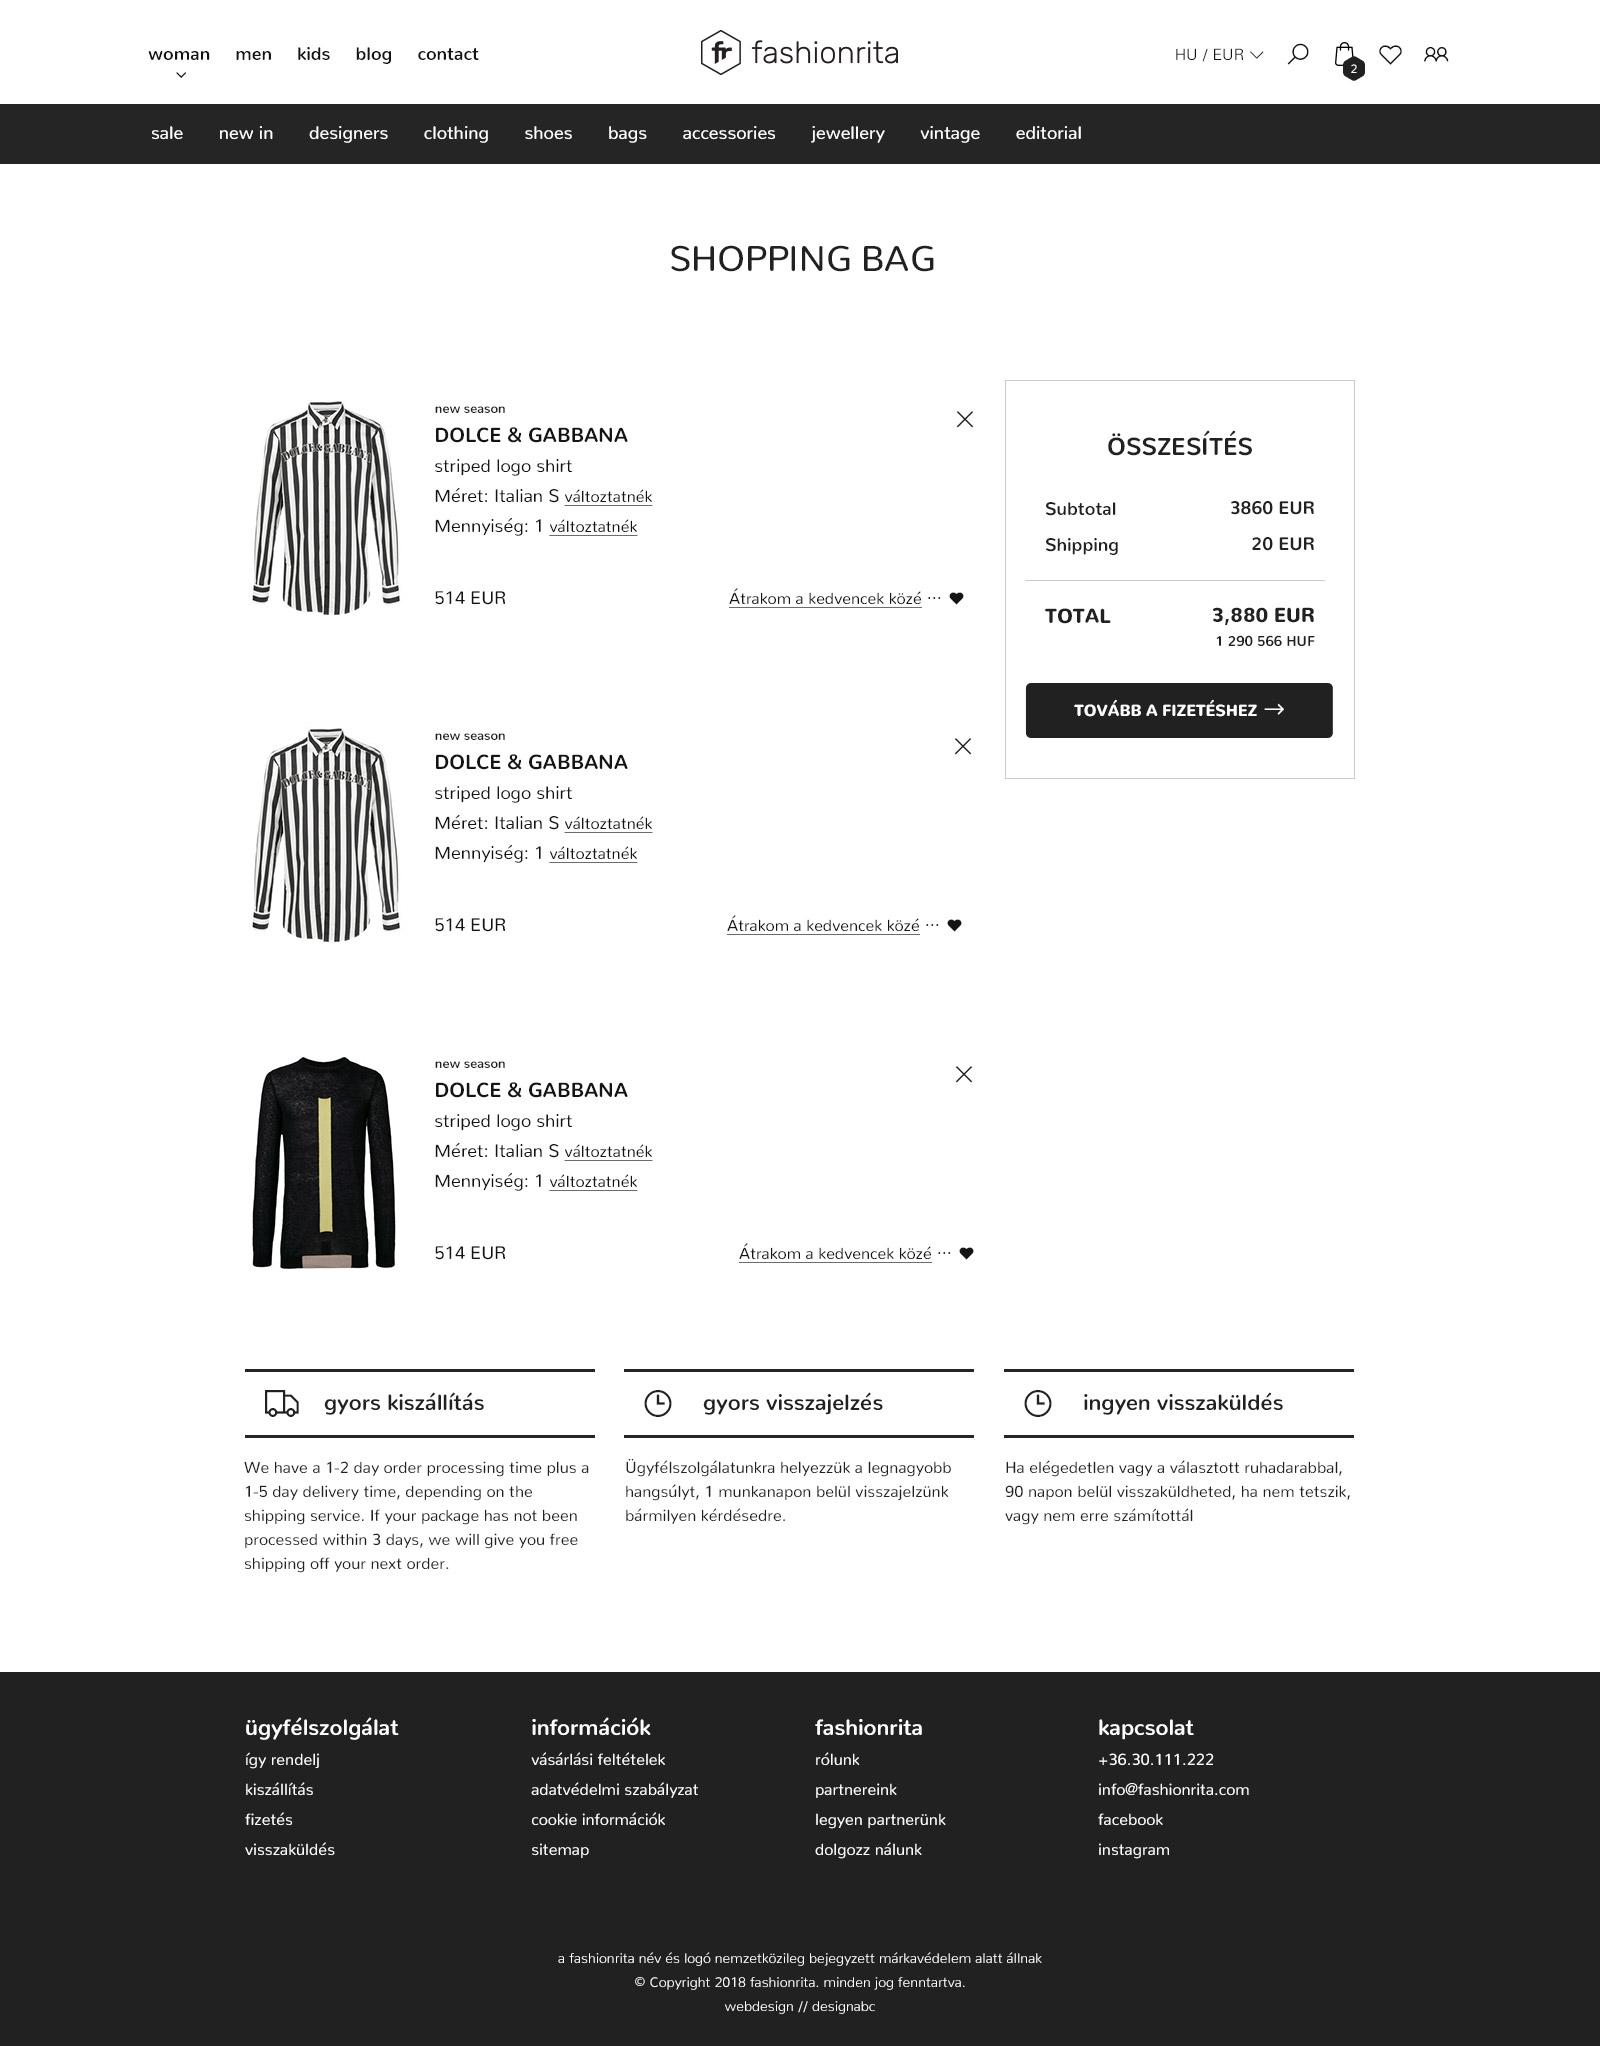 webshop tervezés képernyő